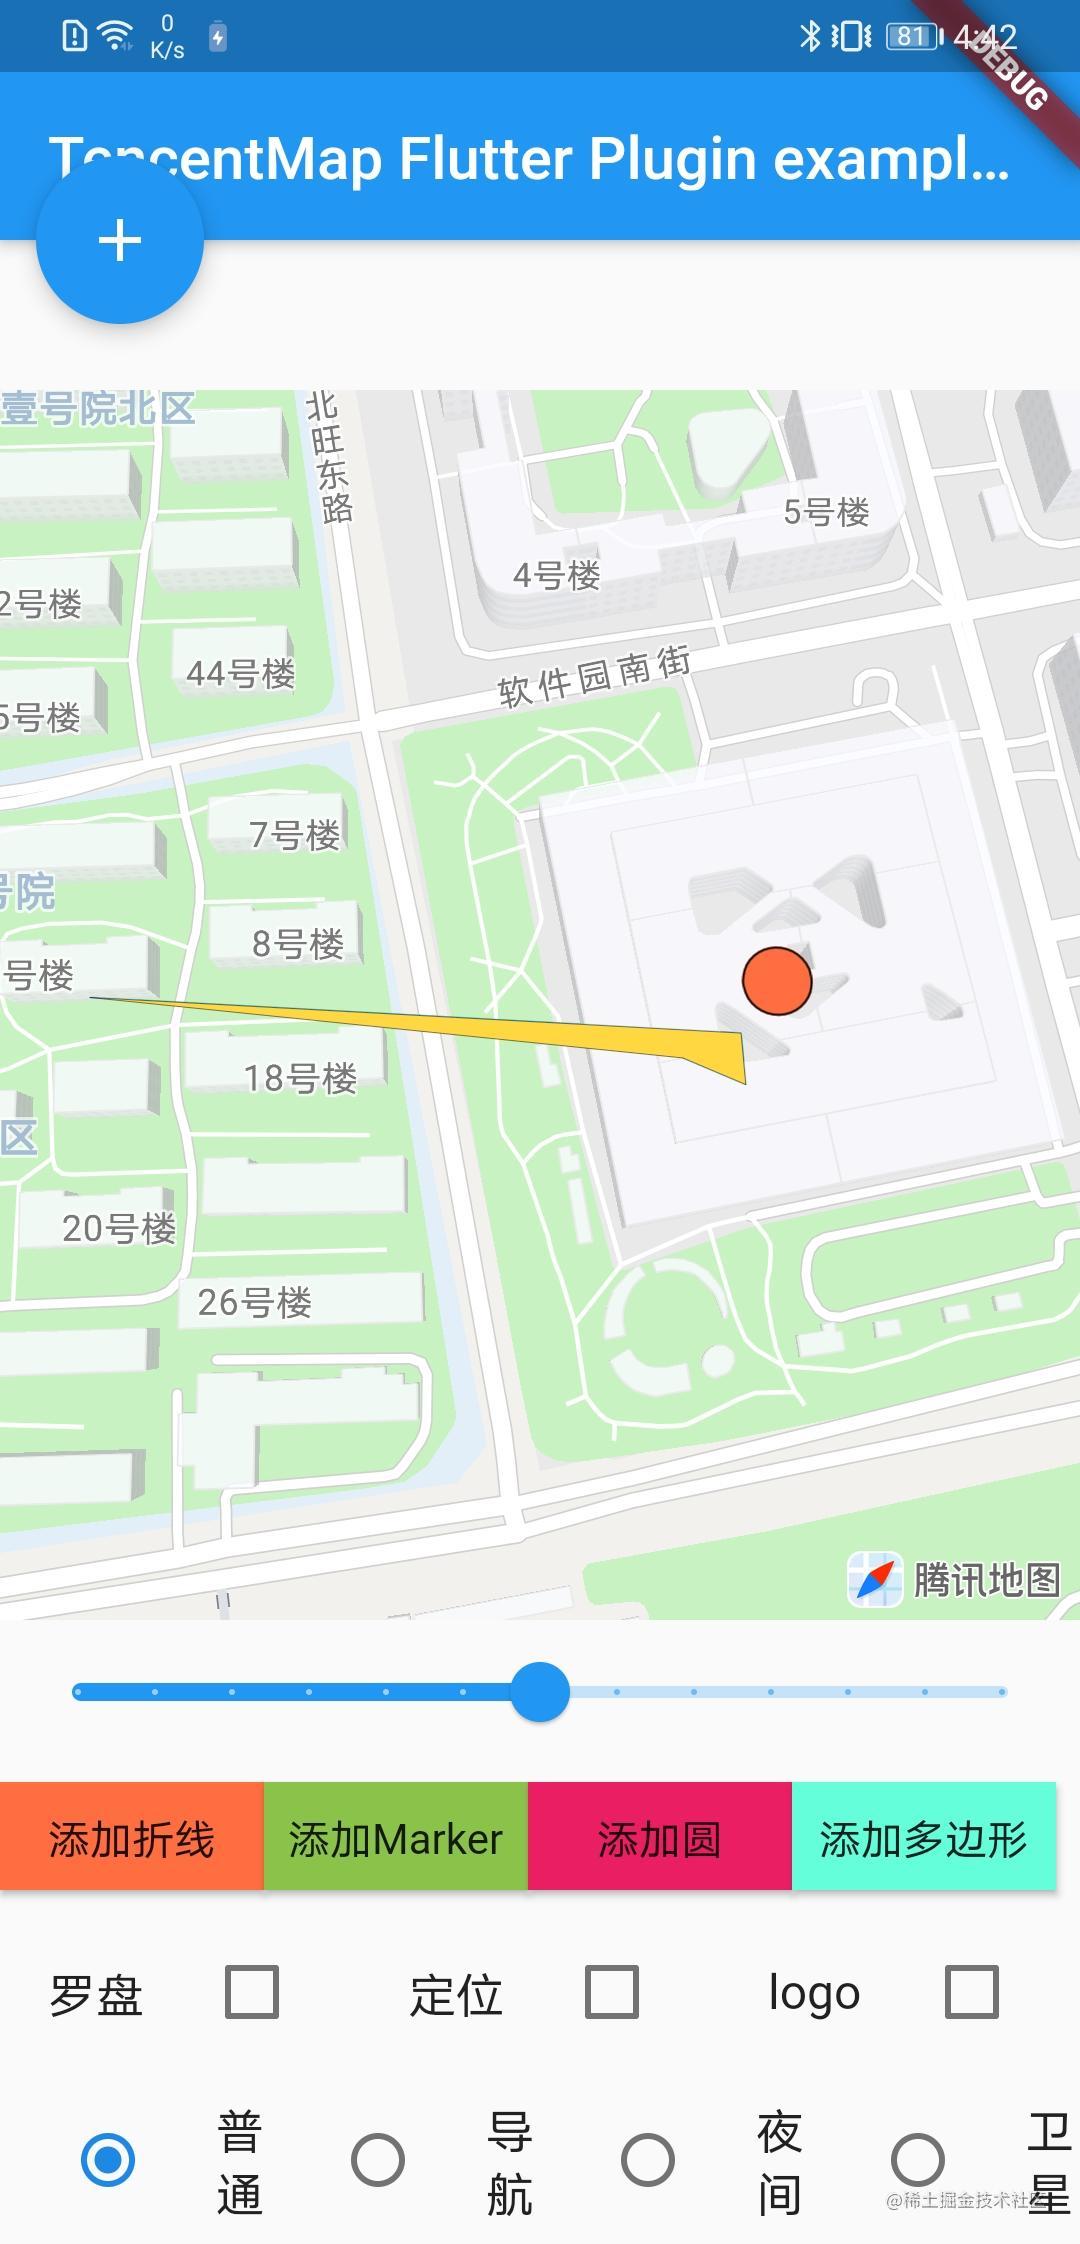 腾讯地图Flutter业务实践——地图SDK Flutter插件实现(一)